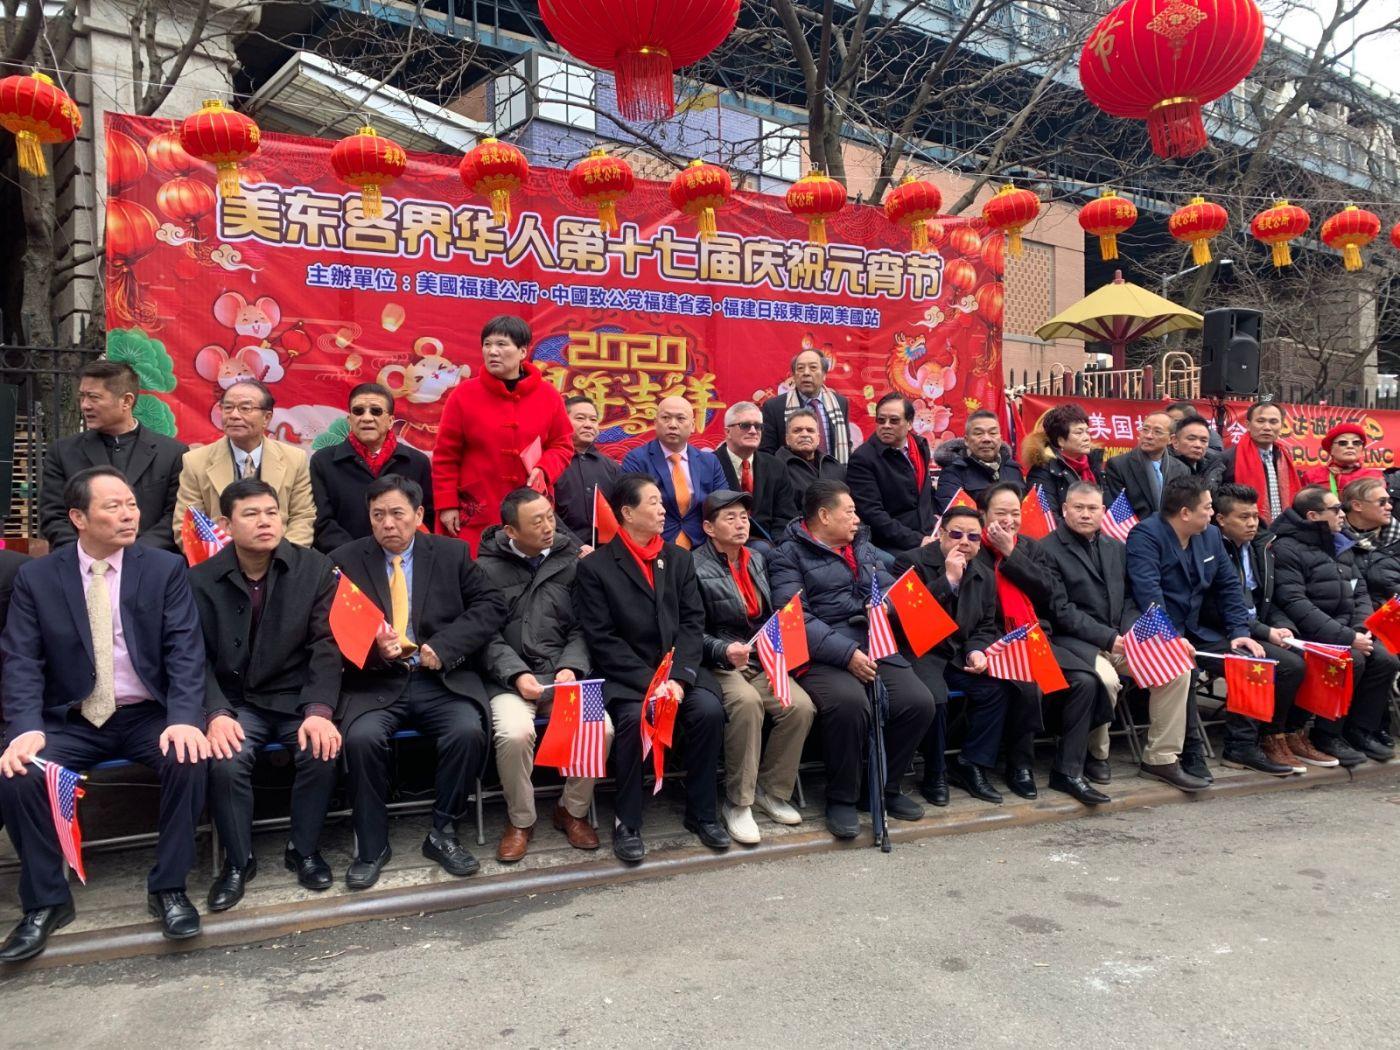 美东各界华人华侨第十七届元宵节庆祝活动在纽约举行_图1-64